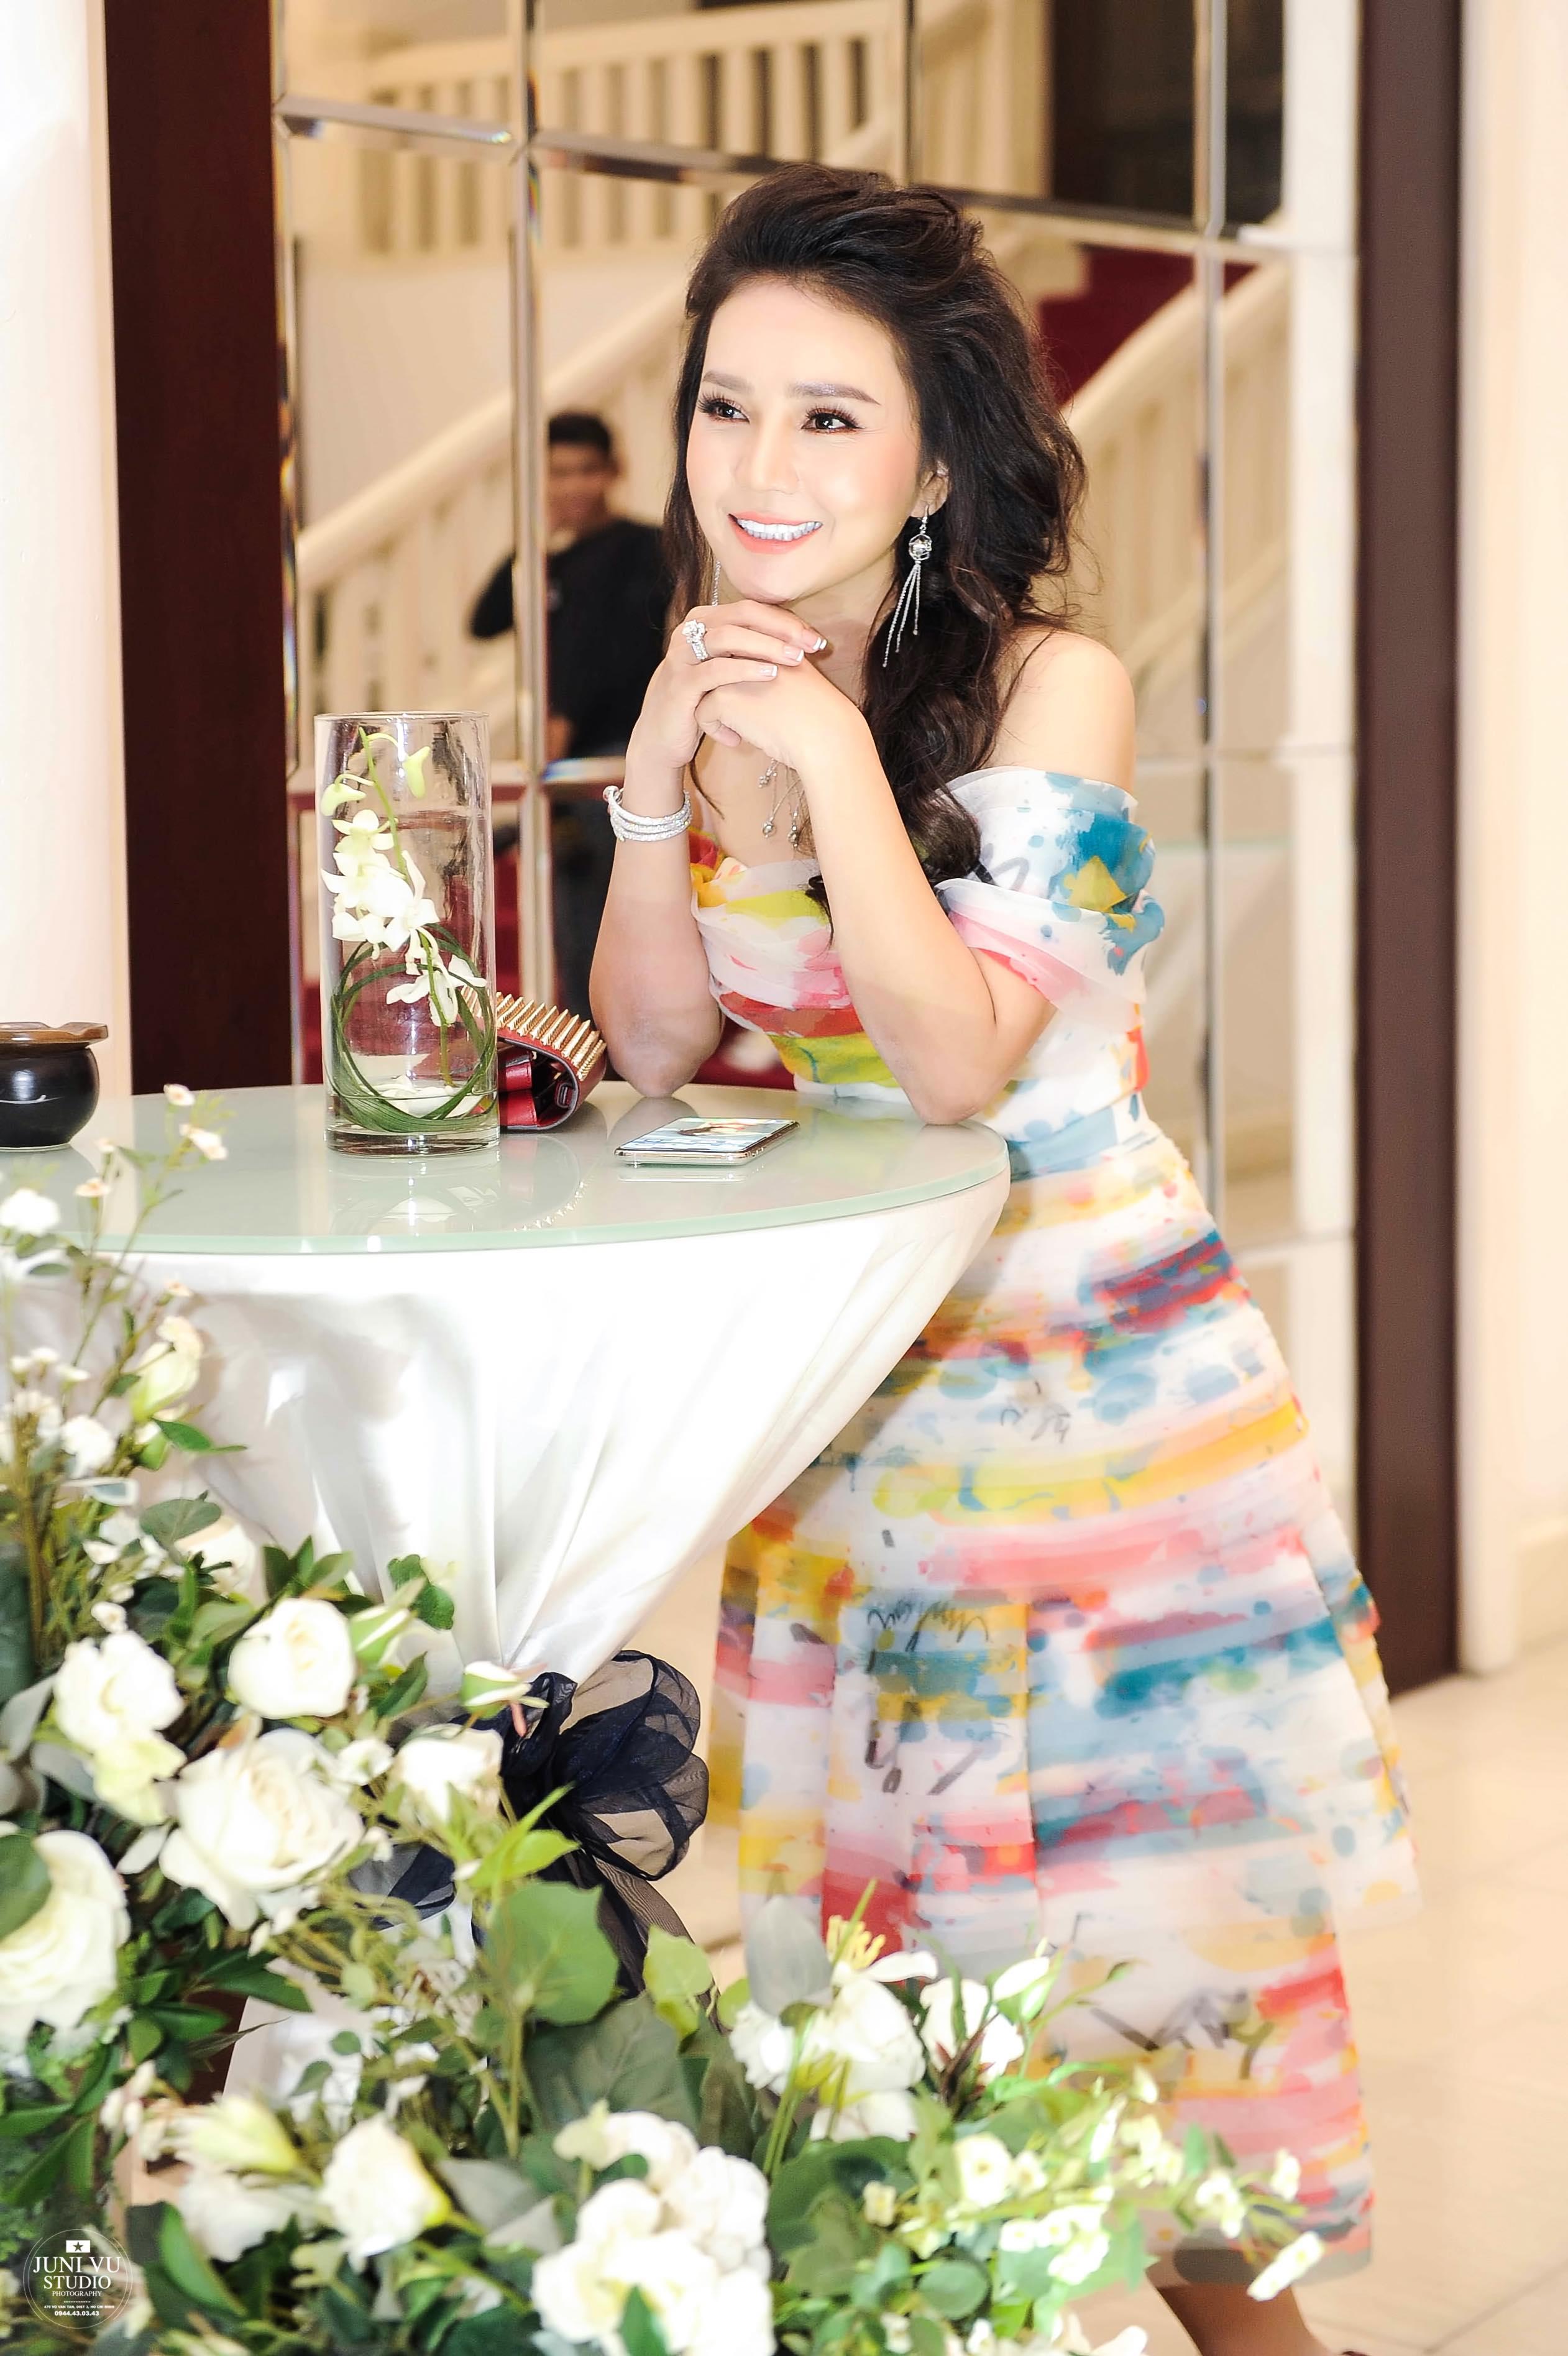 Doanh nhân Bảo Châu cùng diễn viên Luân Nguyễn hết lòng vì người dân nghèo 4